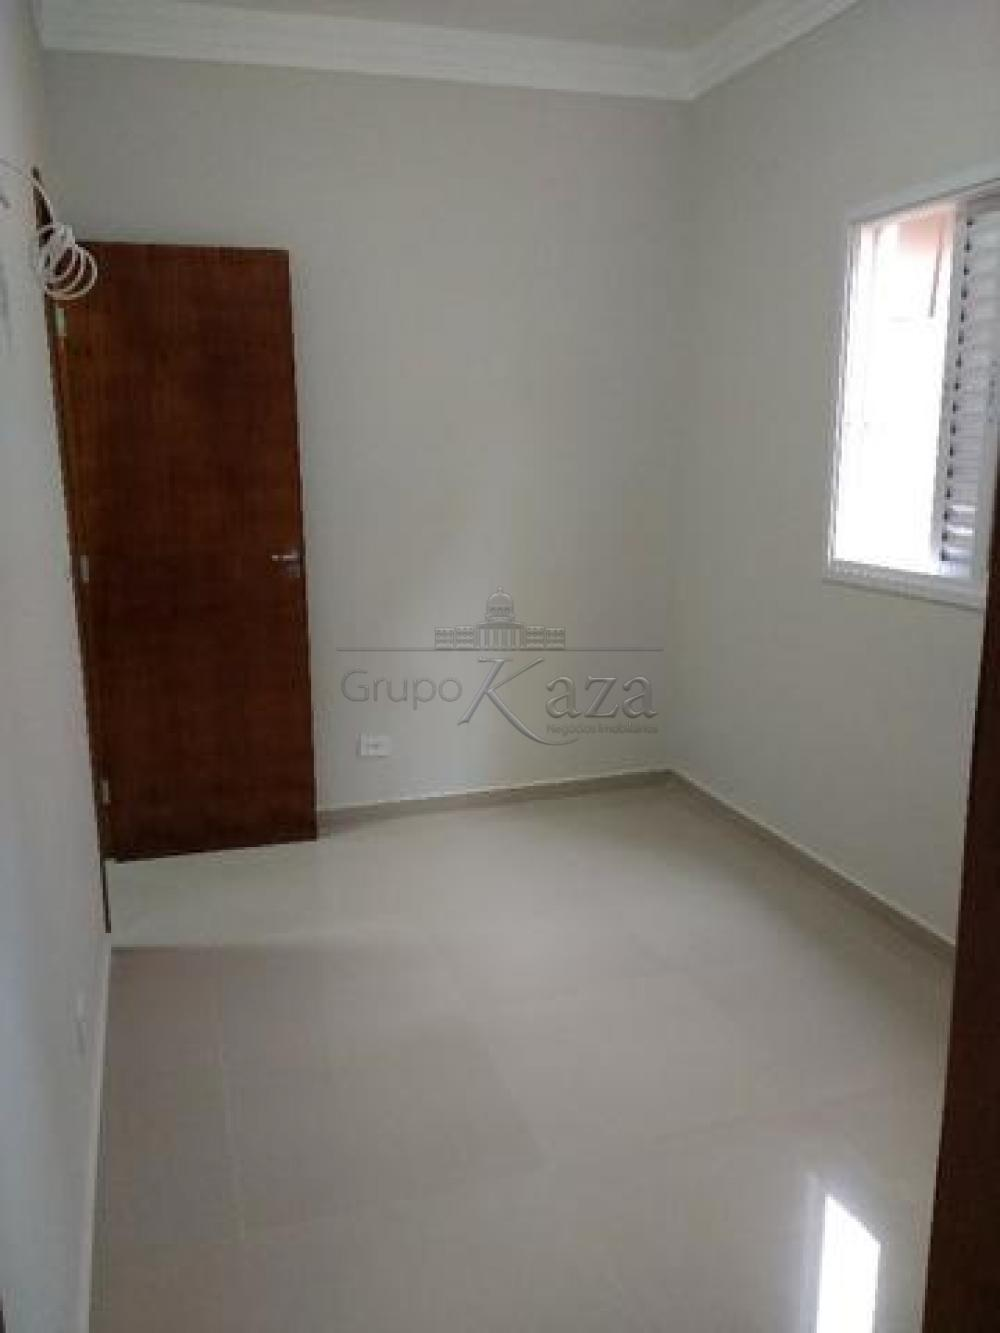 Comprar Casa / Padrão em São José dos Campos apenas R$ 307.400,00 - Foto 4